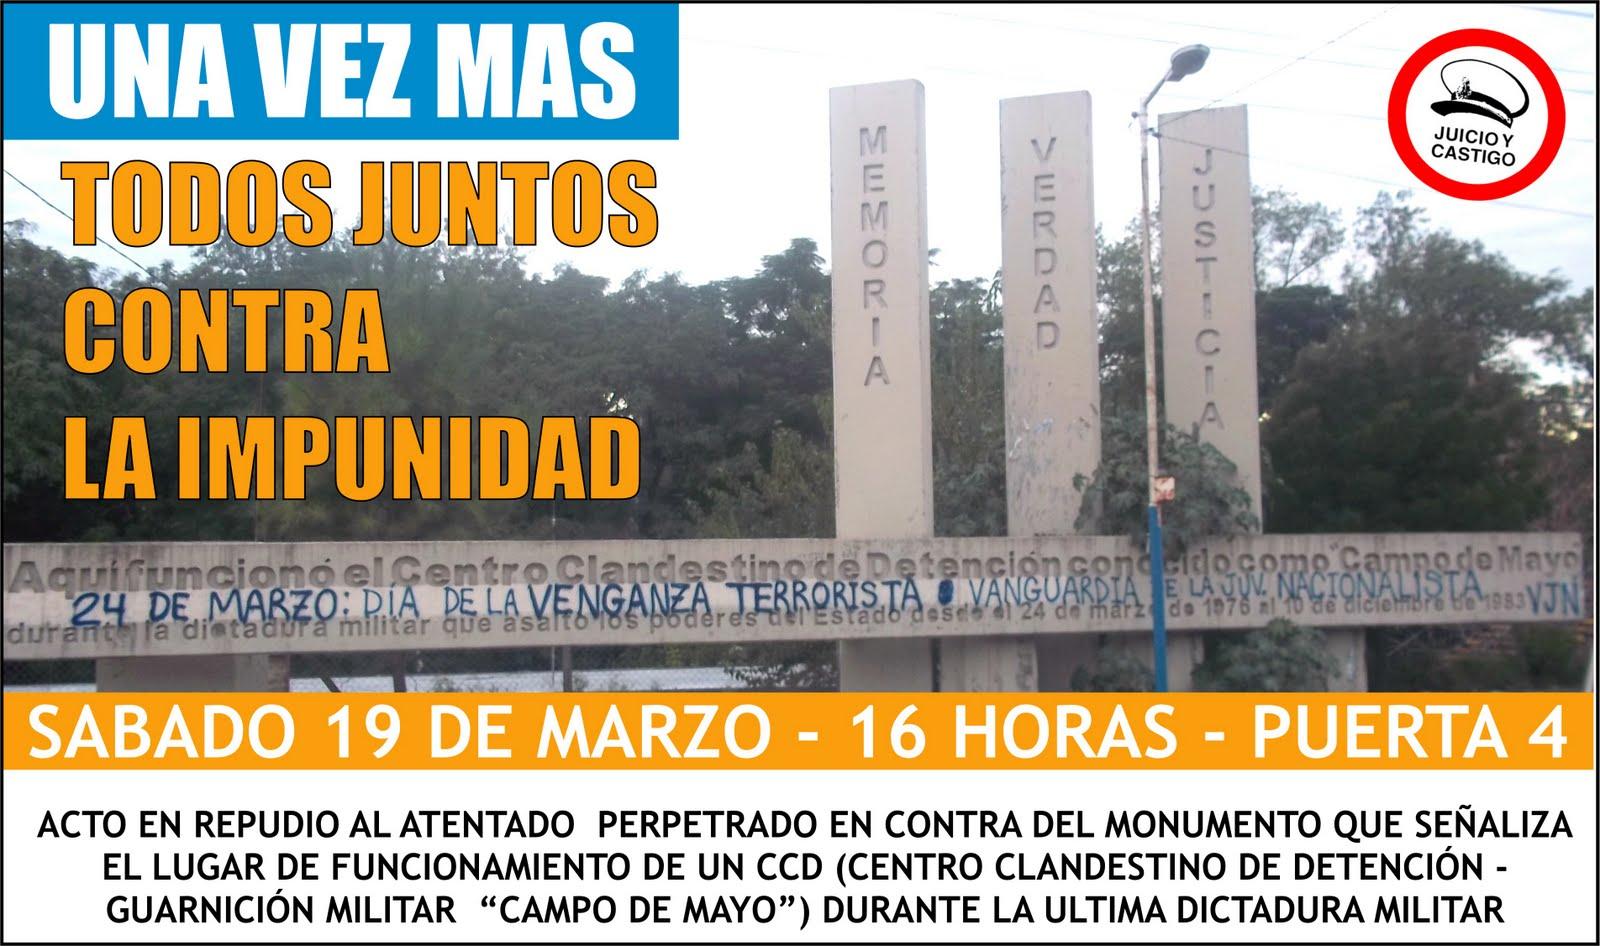 Derechos humanos acto en repudio al atentado contra el for Puerta 7 campo de mayo